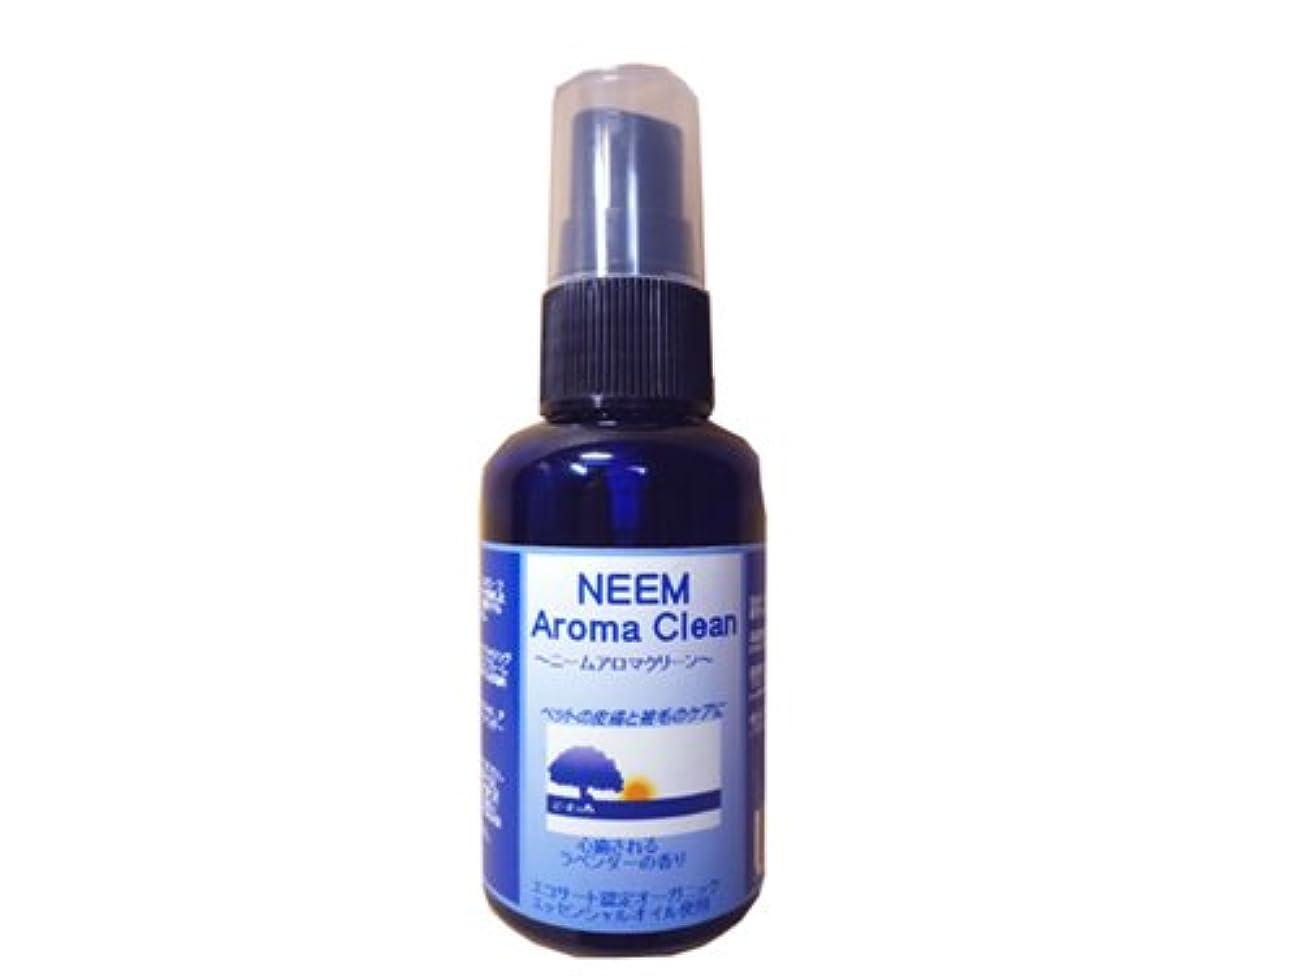 いいね殉教者メキシコニームアロマクリーン(ラベンダー) NEEM Aroma Clean 50ml 【BLOOM】【(ノミ?ダニ)駆除用としてもお使いいただけます。】